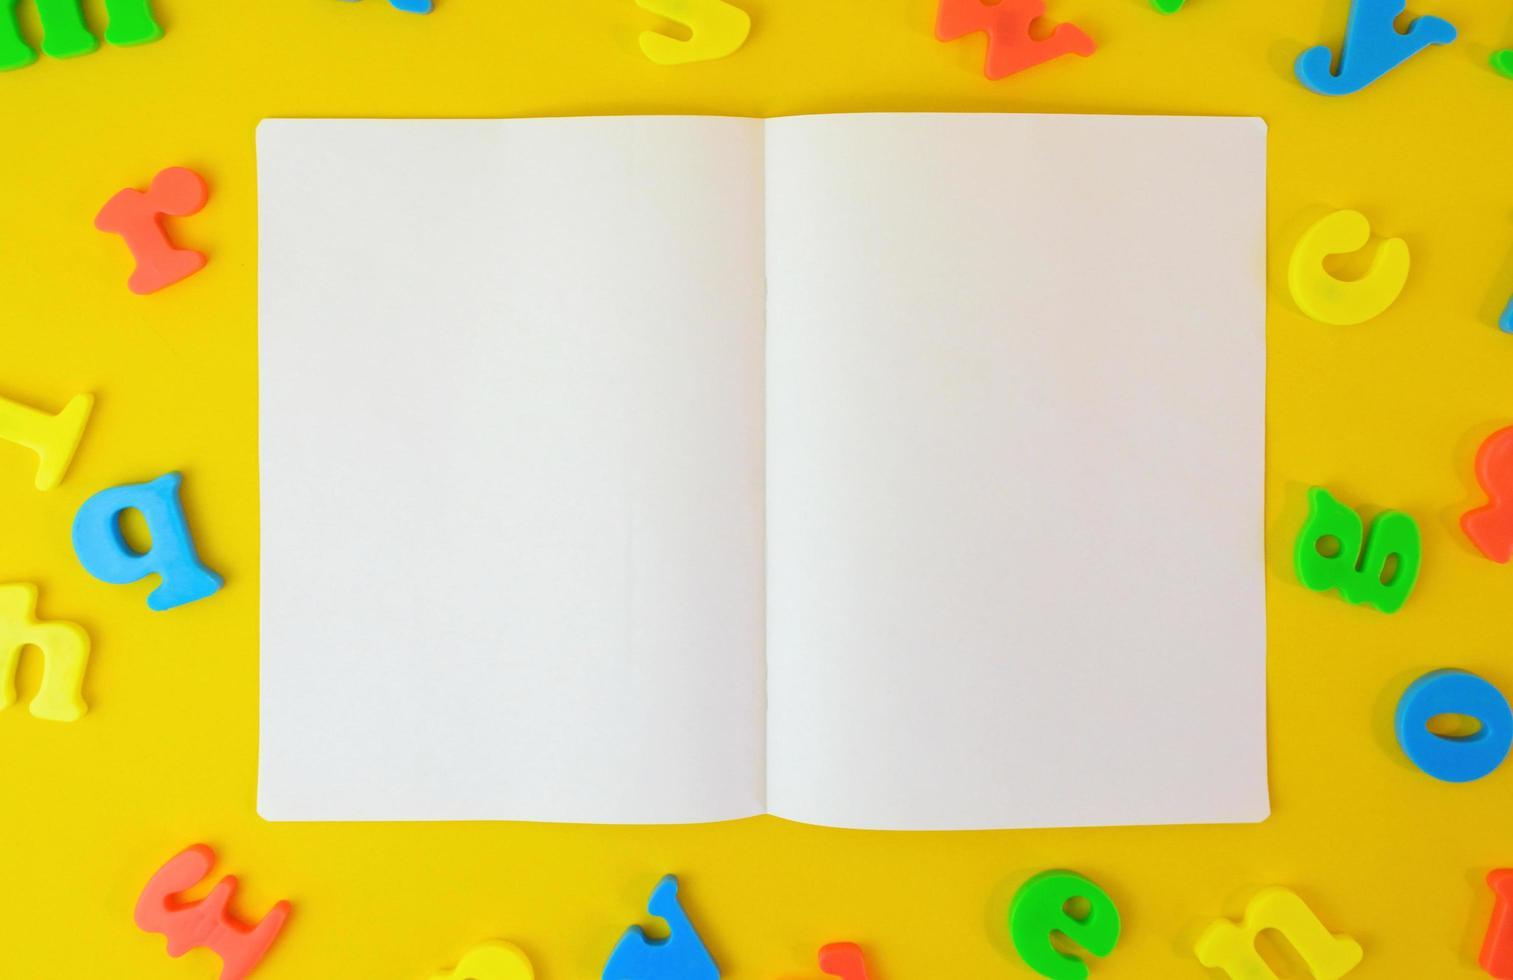 Abrió el cuaderno de dos páginas sobre fondo amarillo cubierto de letras. concepto de educación. Copie el papel del espacio para fotos y mensajes de texto.